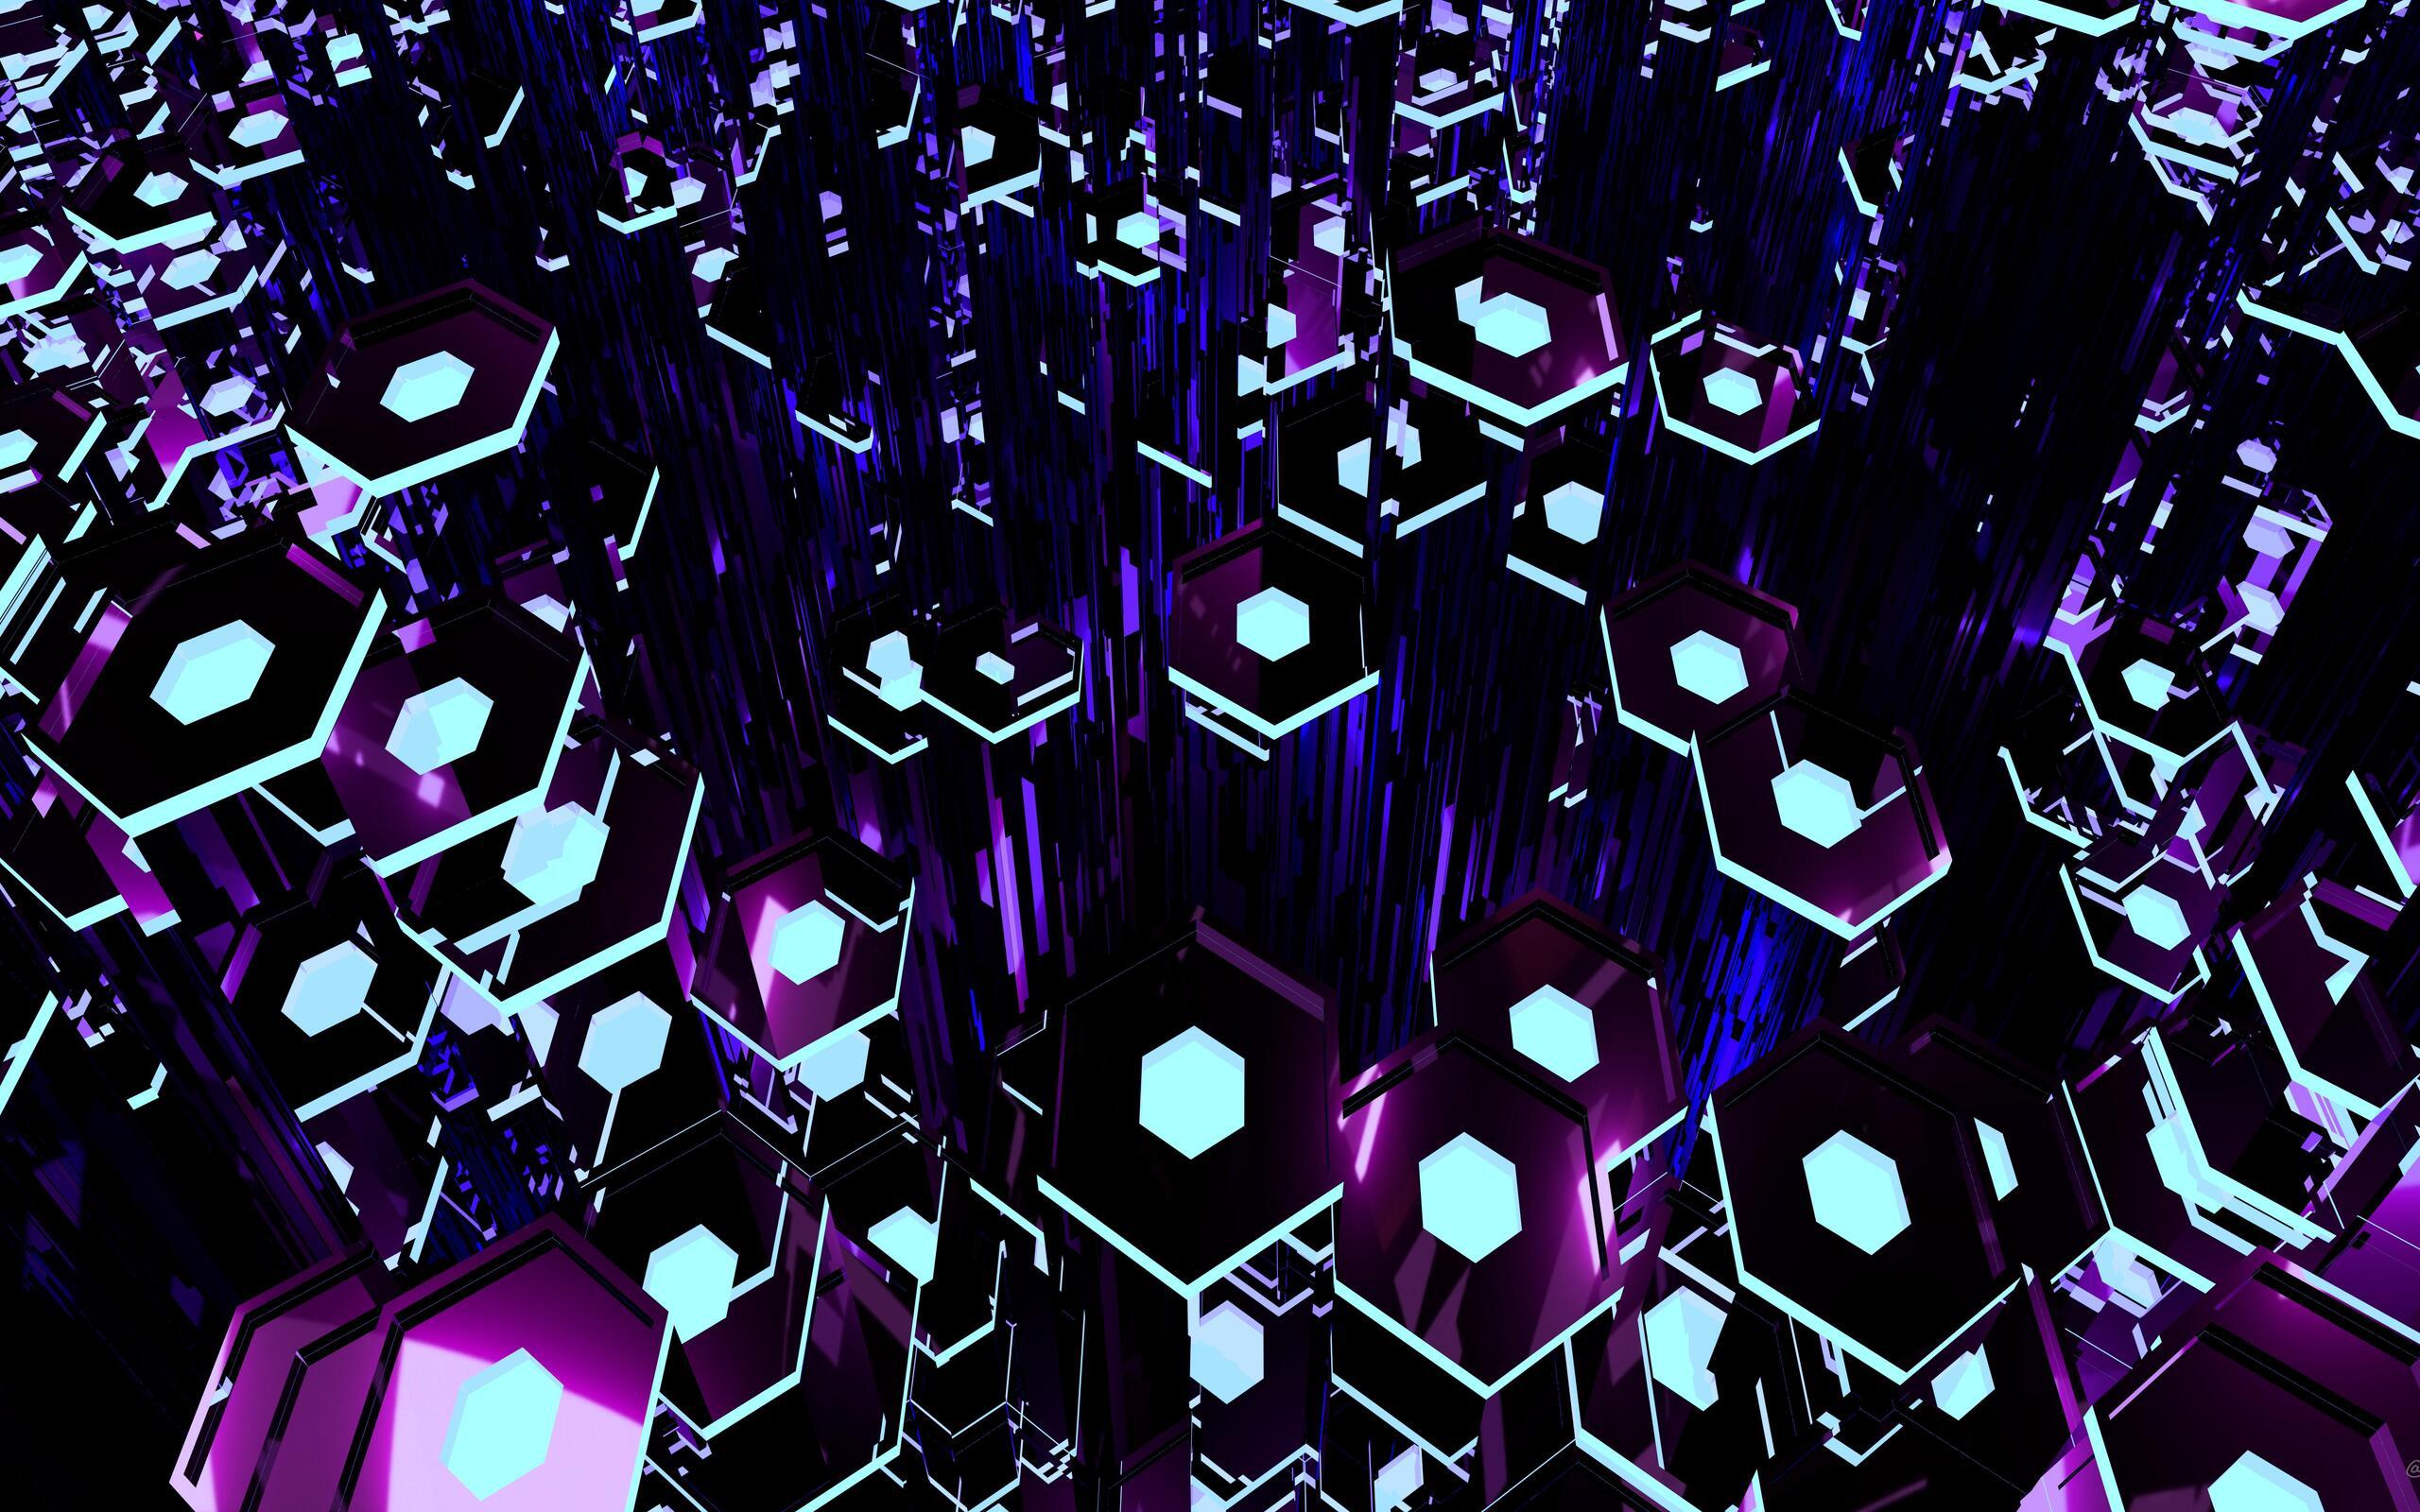 deep-purple-tron-hexagons-8k-b3.jpg